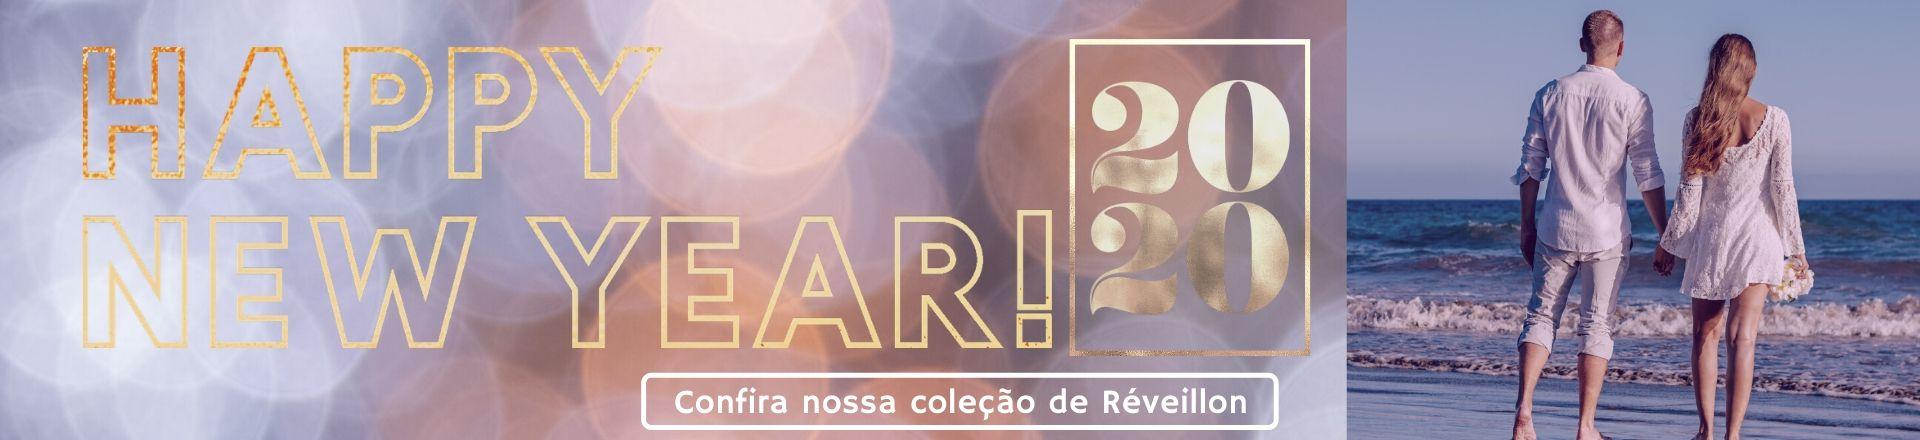 Banner Principal Centro